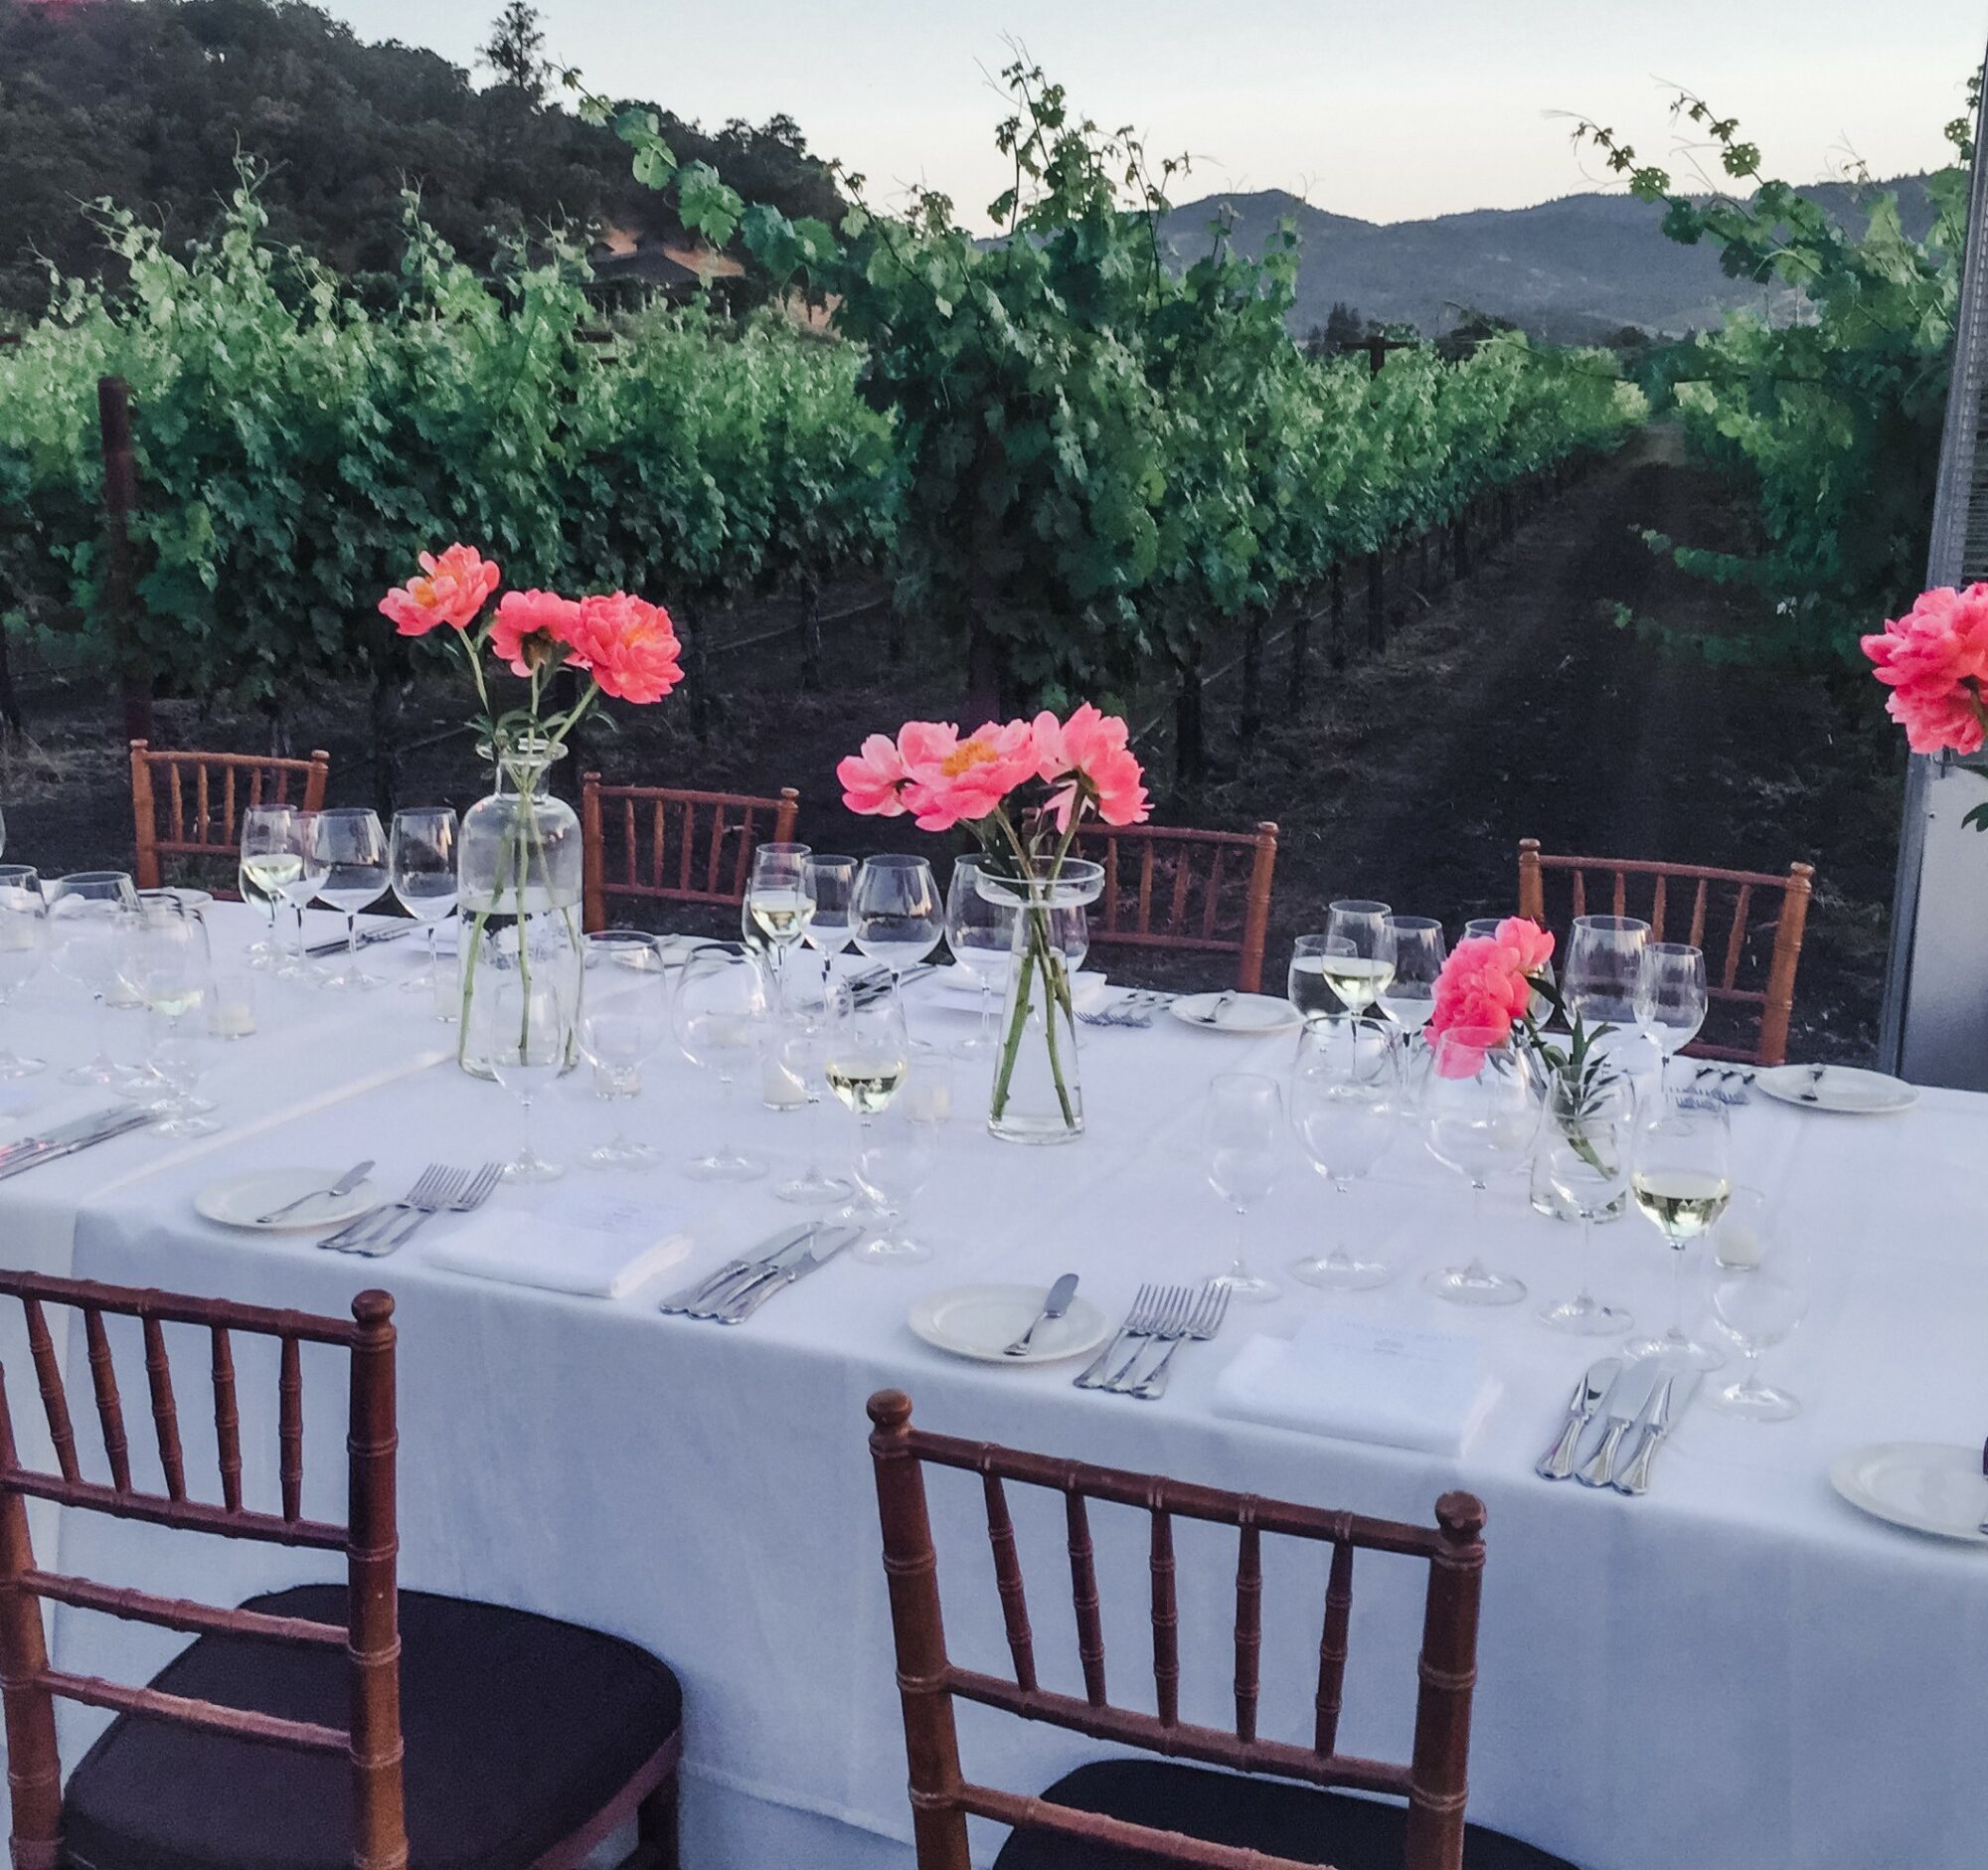 Poetic Elegance in the Vineyard